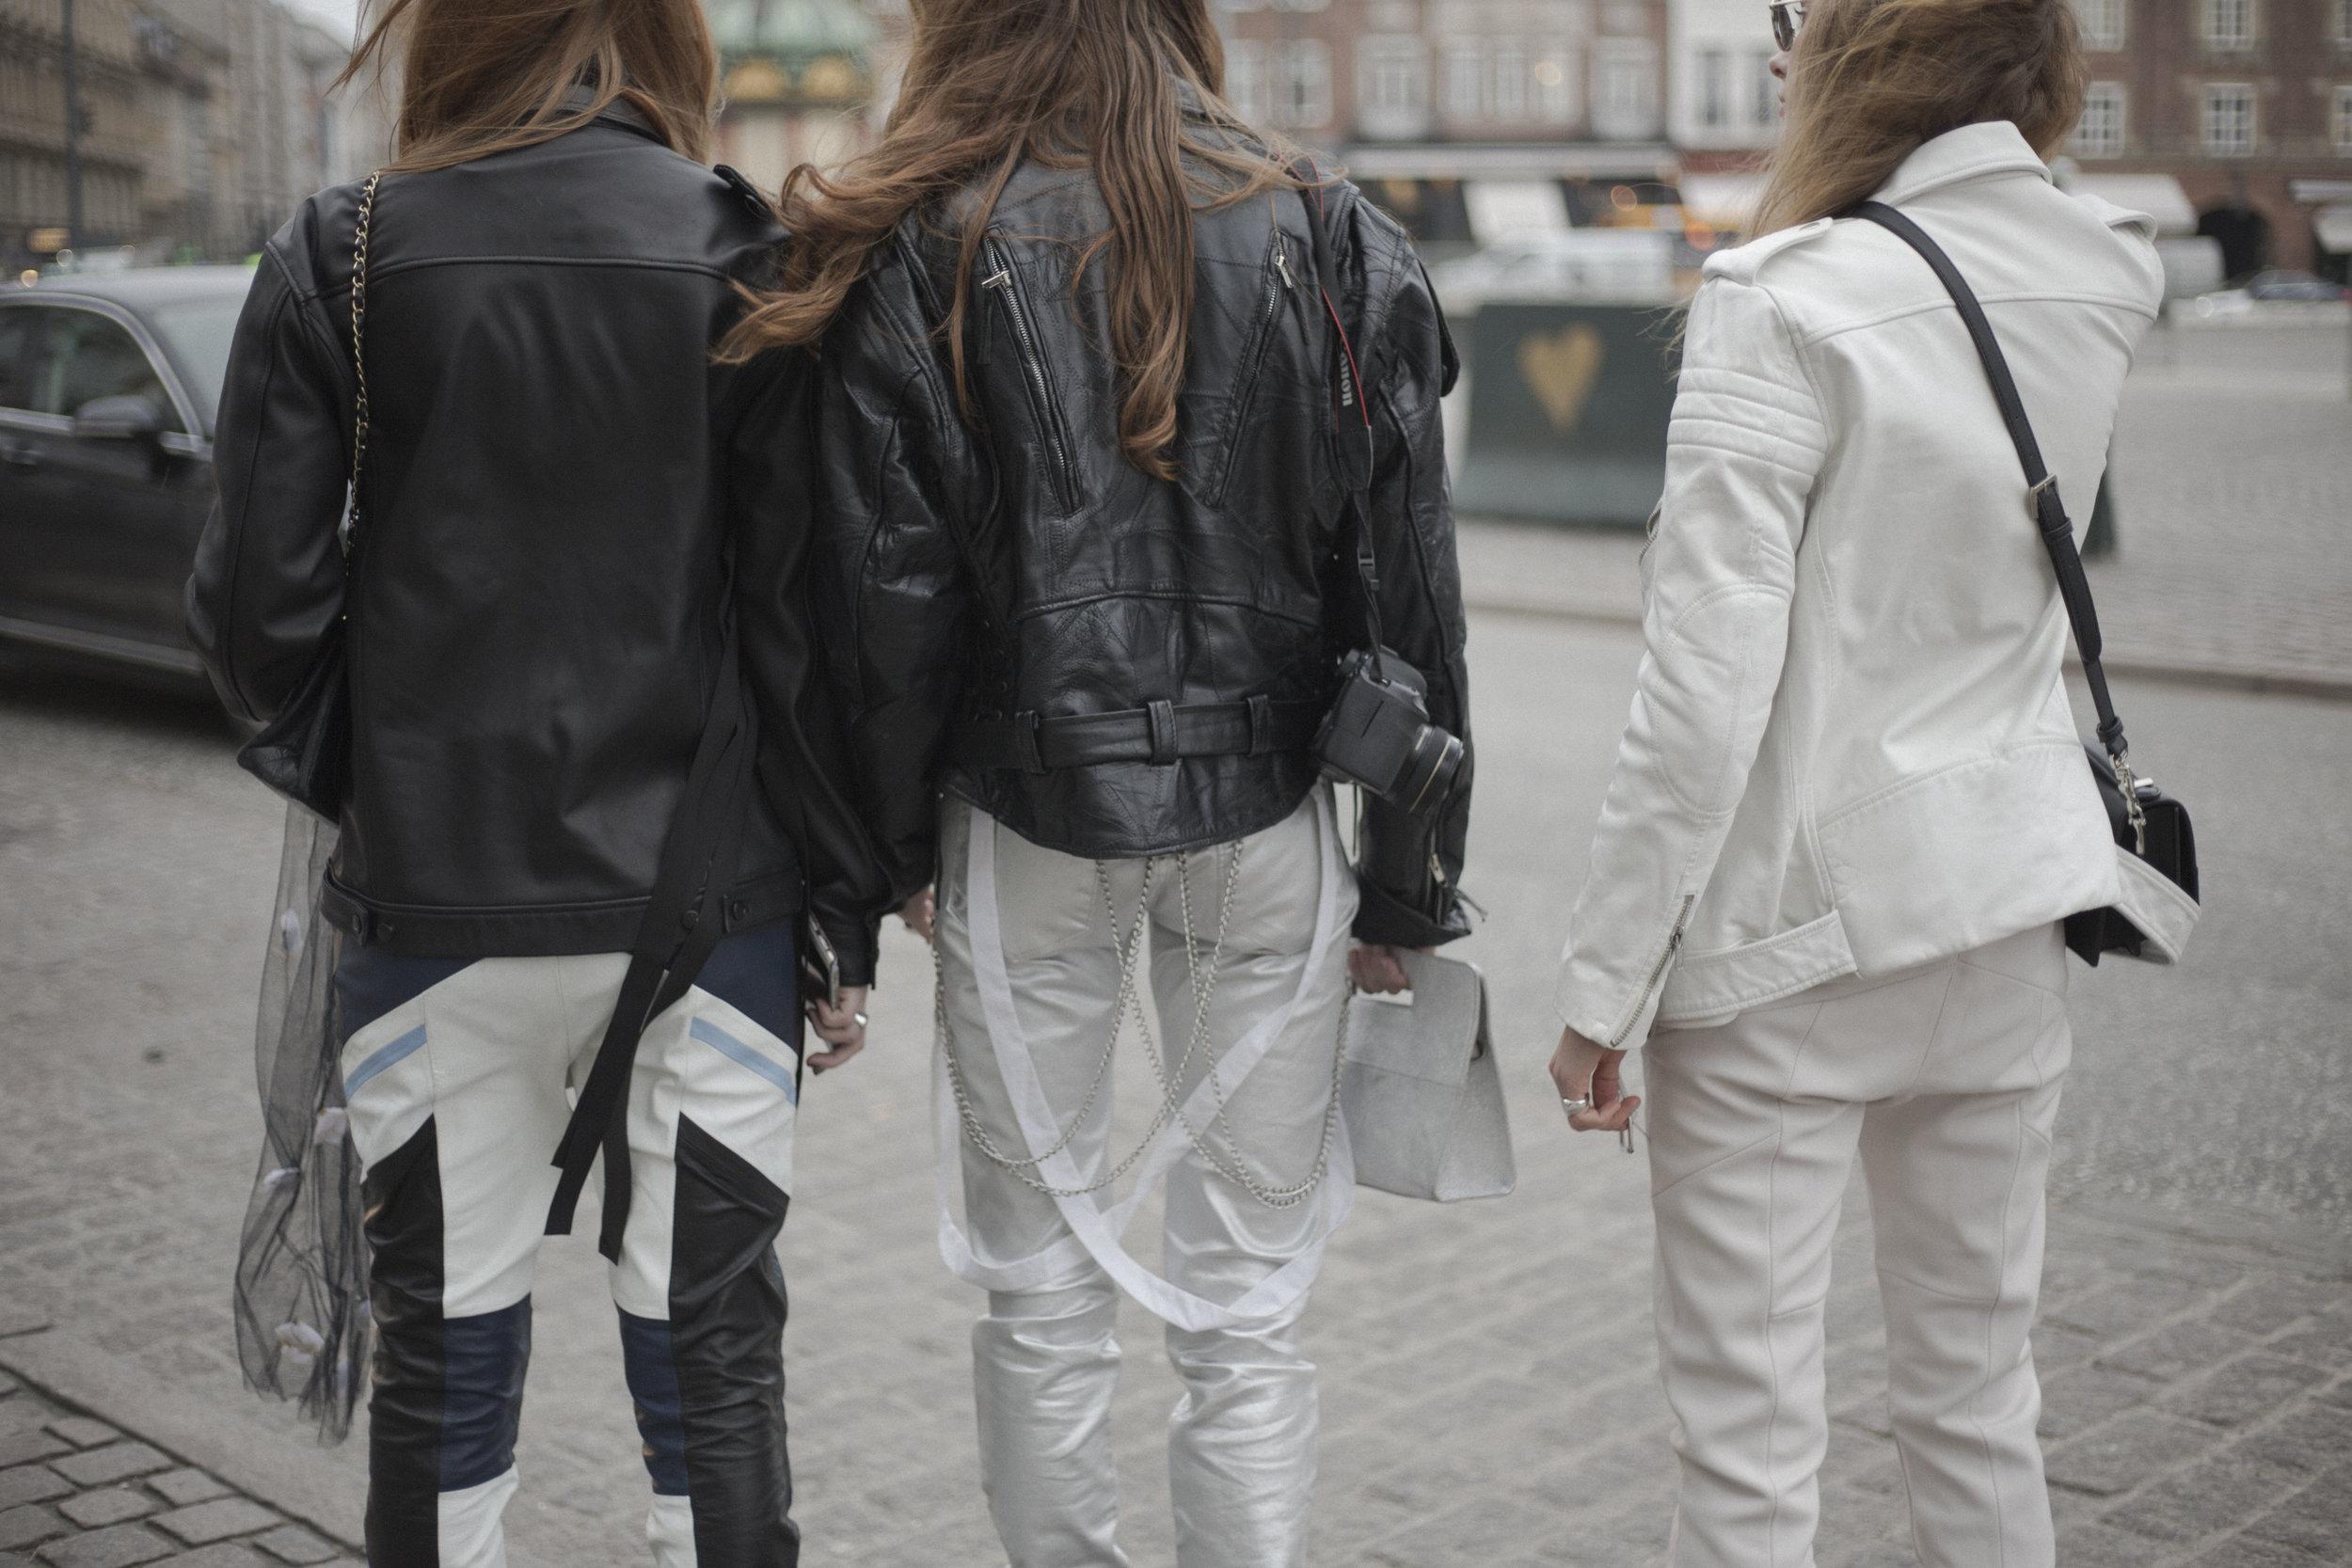 copenhagen-fashionweek-best-scandinavian-street-style-streetstyle-thestreetland-fashion-trend-style.jpg